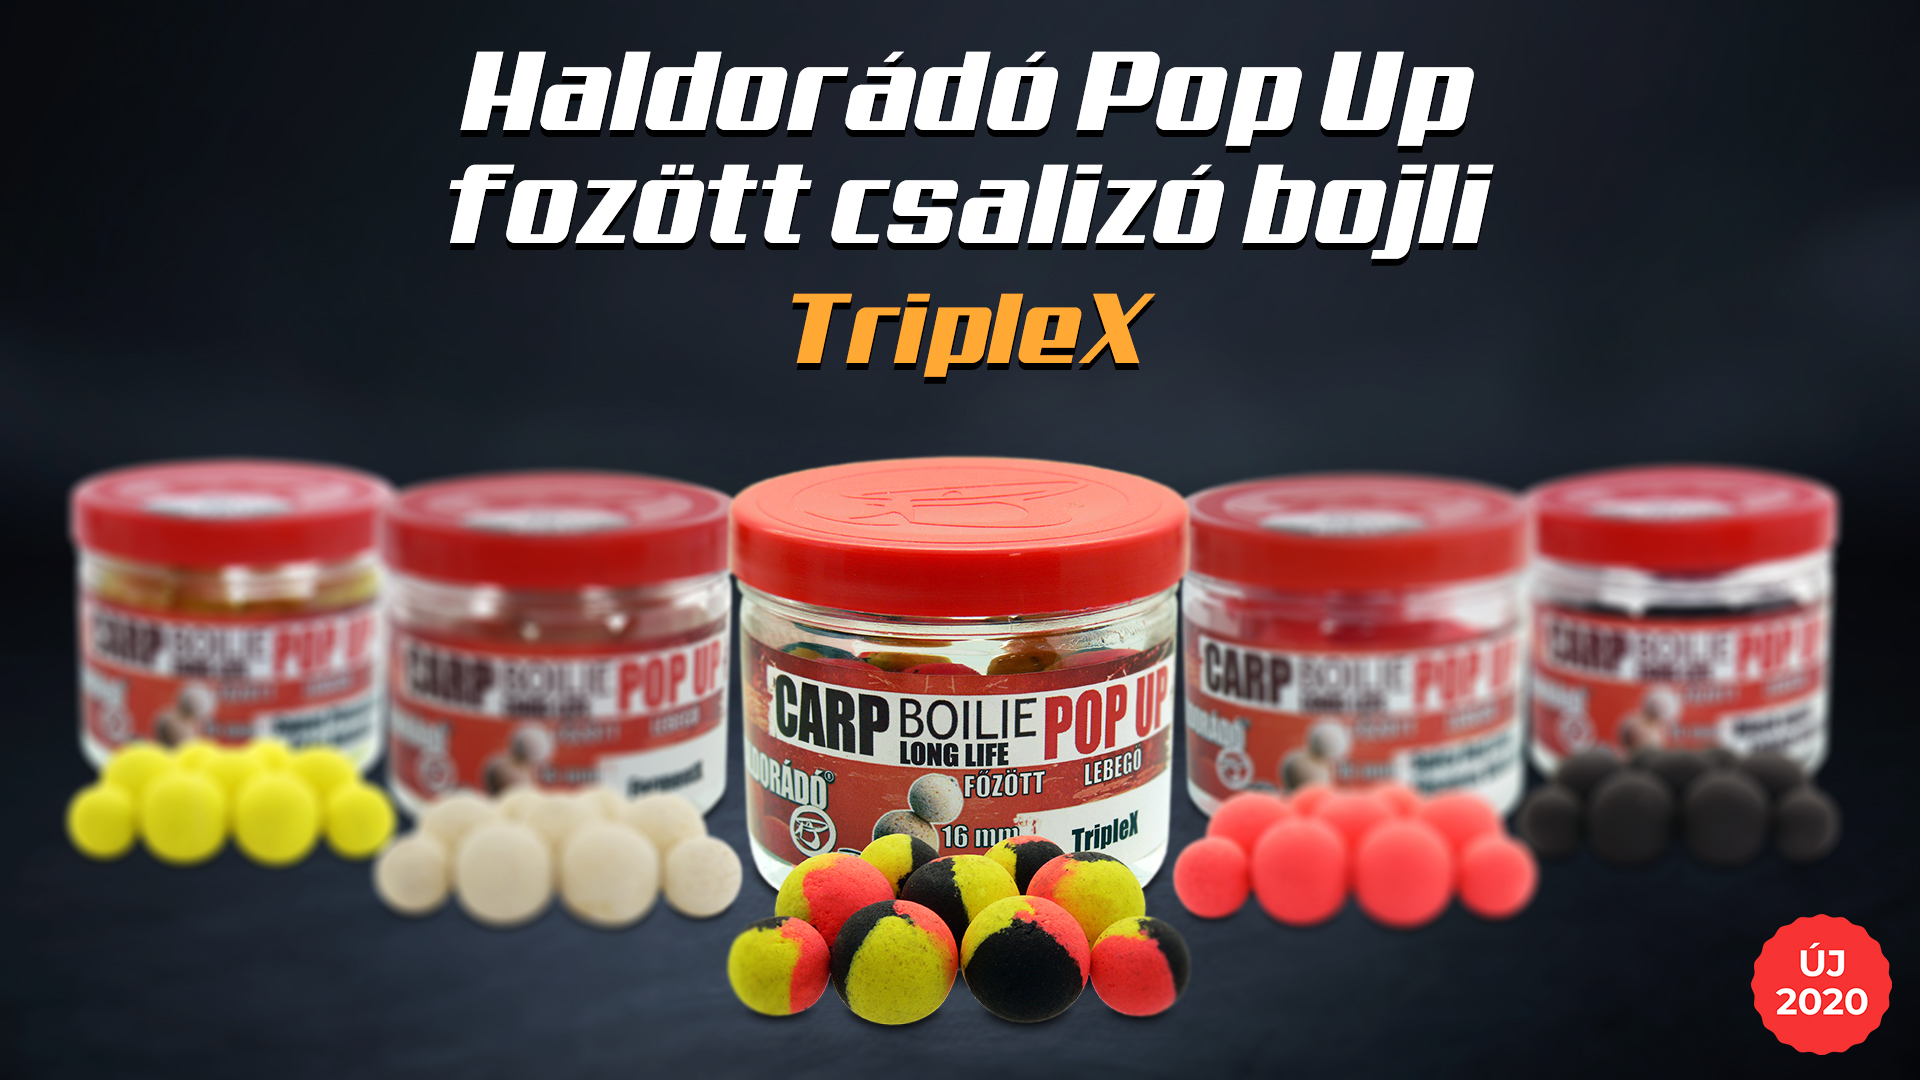 A megnövelt méretű Carp Boilie termékekhez igazítottuk a Pop Up főzött csalizó bojlik méretét is, és természetesen itt sem maradhatott ki a TripleX